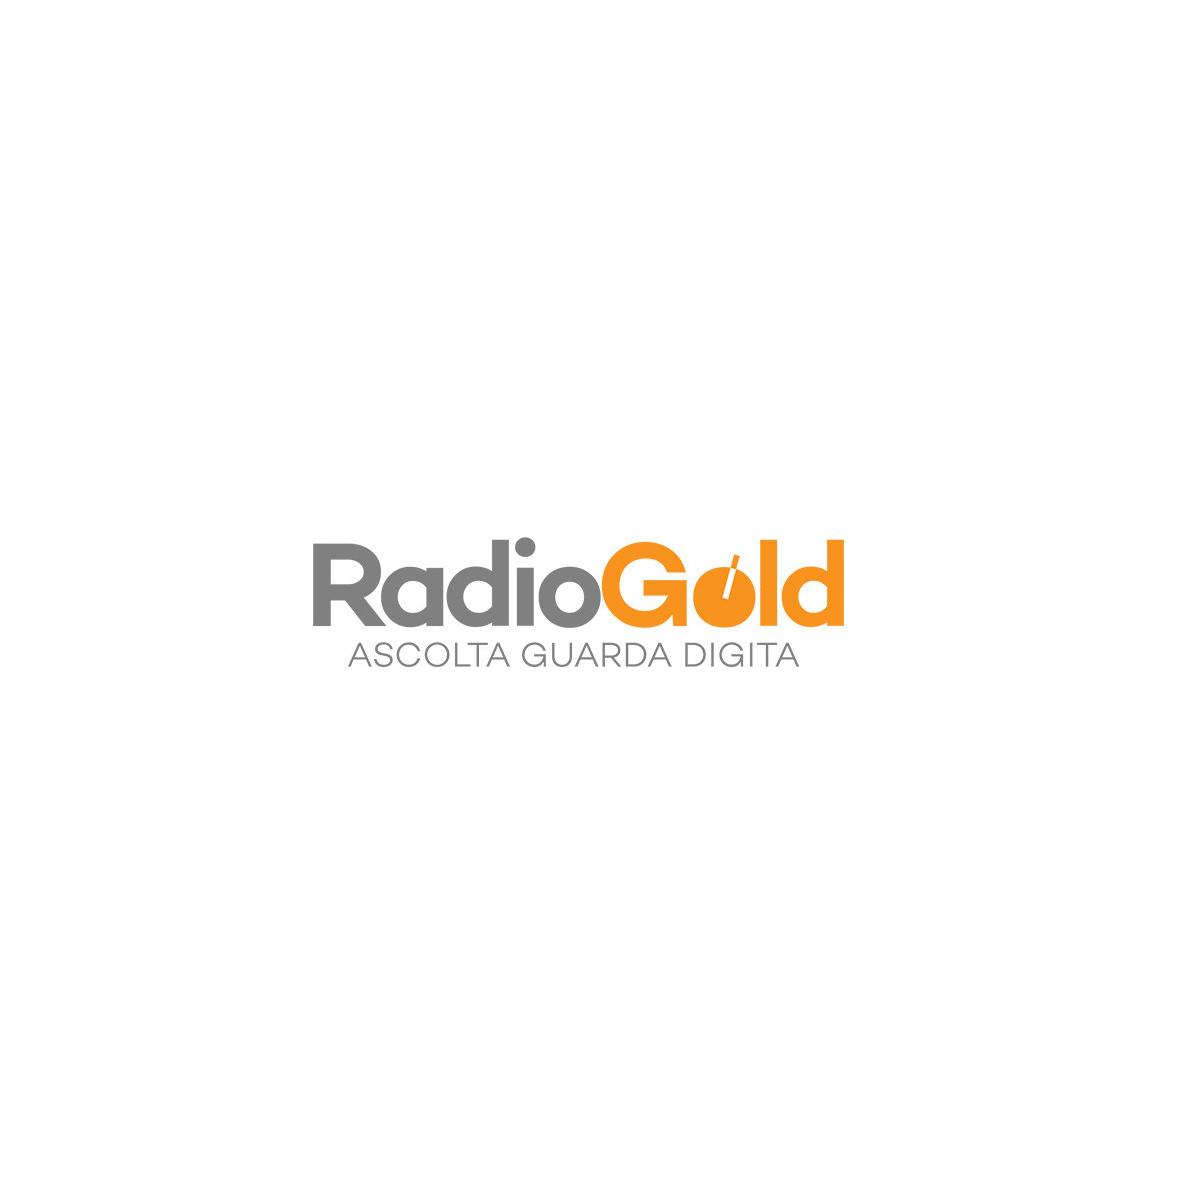 BENVENUTA RADIO GOLD, UNA NUOVA EMITTENTE E' ENTRATA A FAR PARTE DEL PARCO CLIENTI MEDIA STREAM